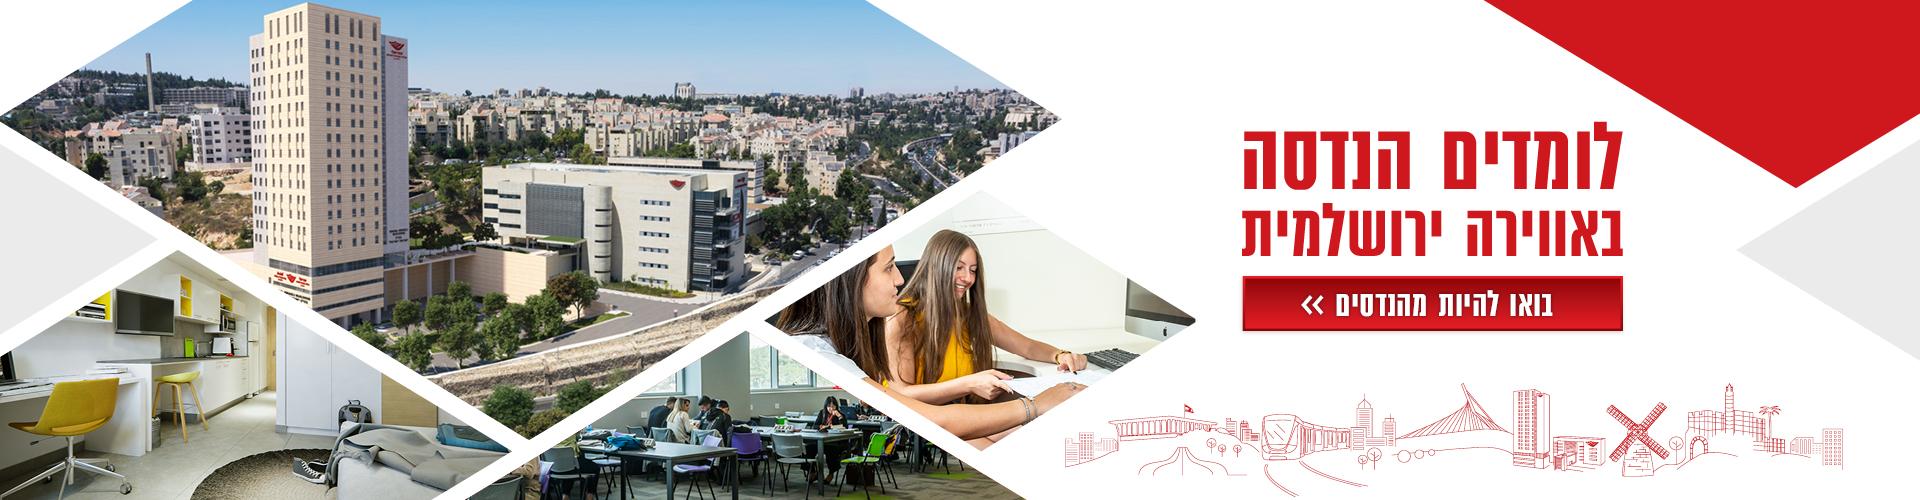 לומדים הנדסה באווירה ירושלמית